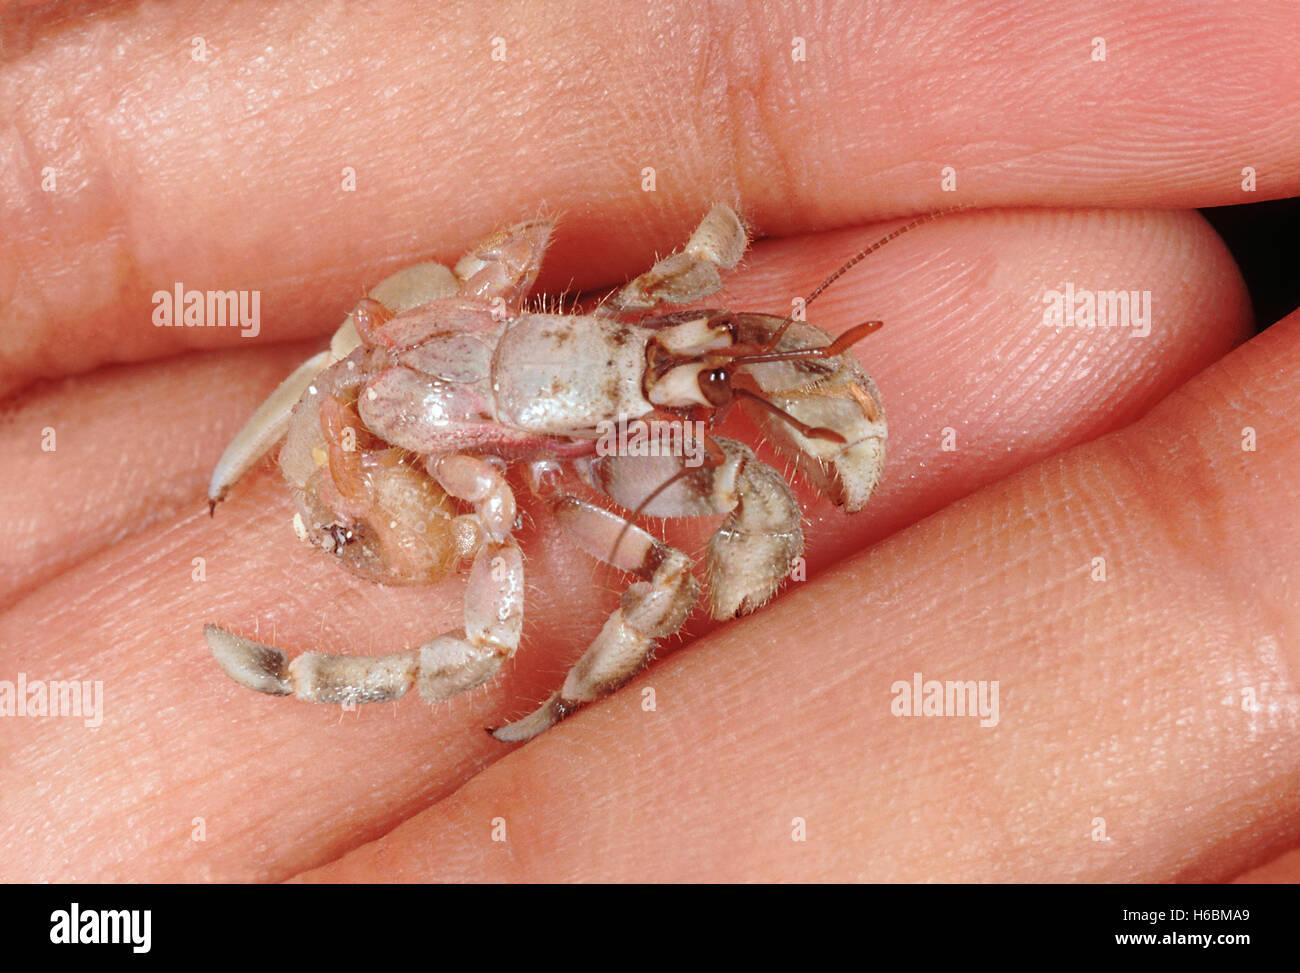 Un cangrejo ermitaño sin su envoltura temporal. el último par de patas son especialmente modificado para ayudarles a retener a la shell. Foto de stock